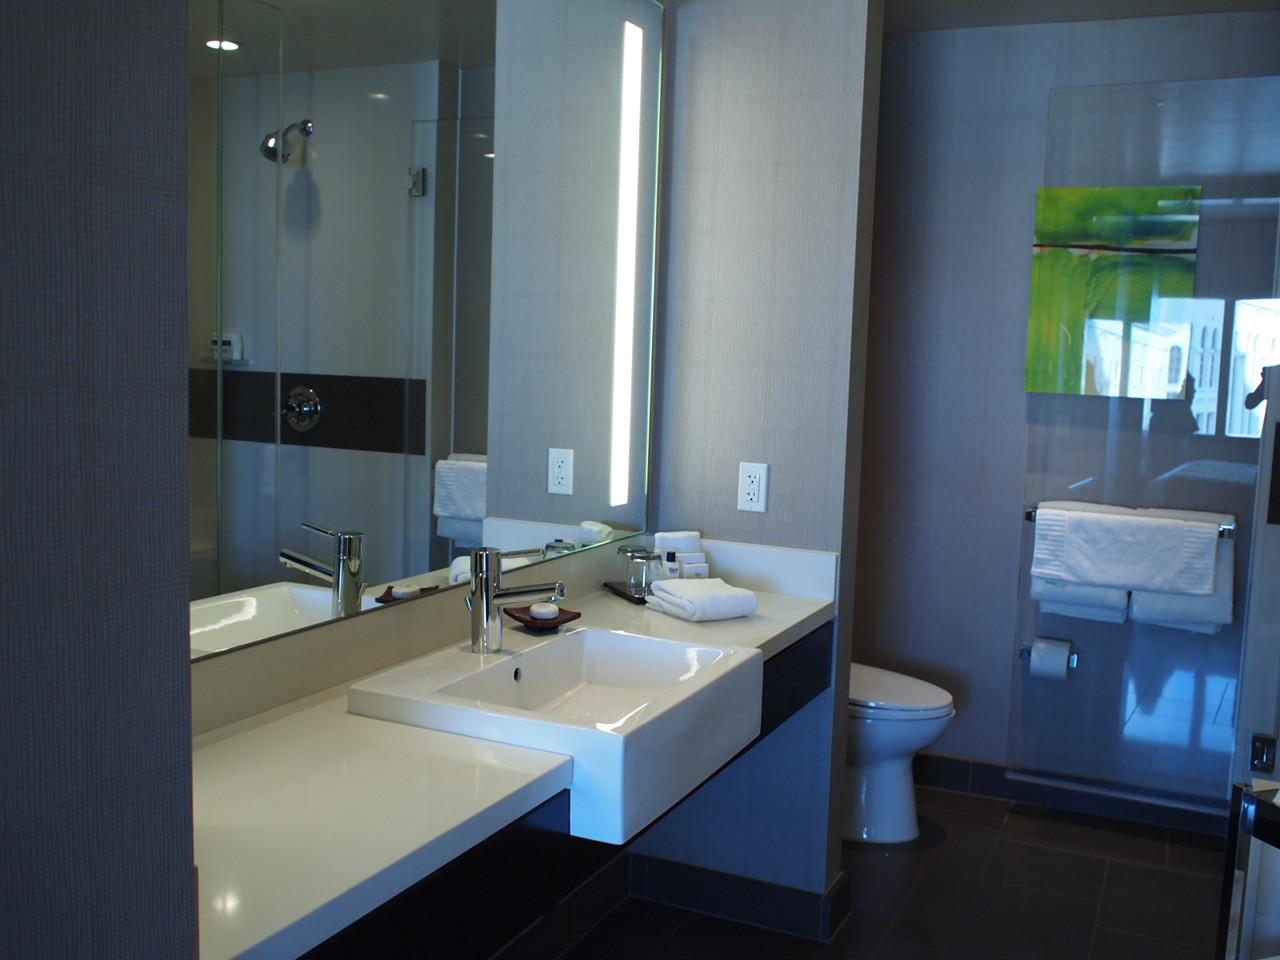 Bathroom Sinks Las Vegas vdara hotel and spa – las vegas – elsie hui